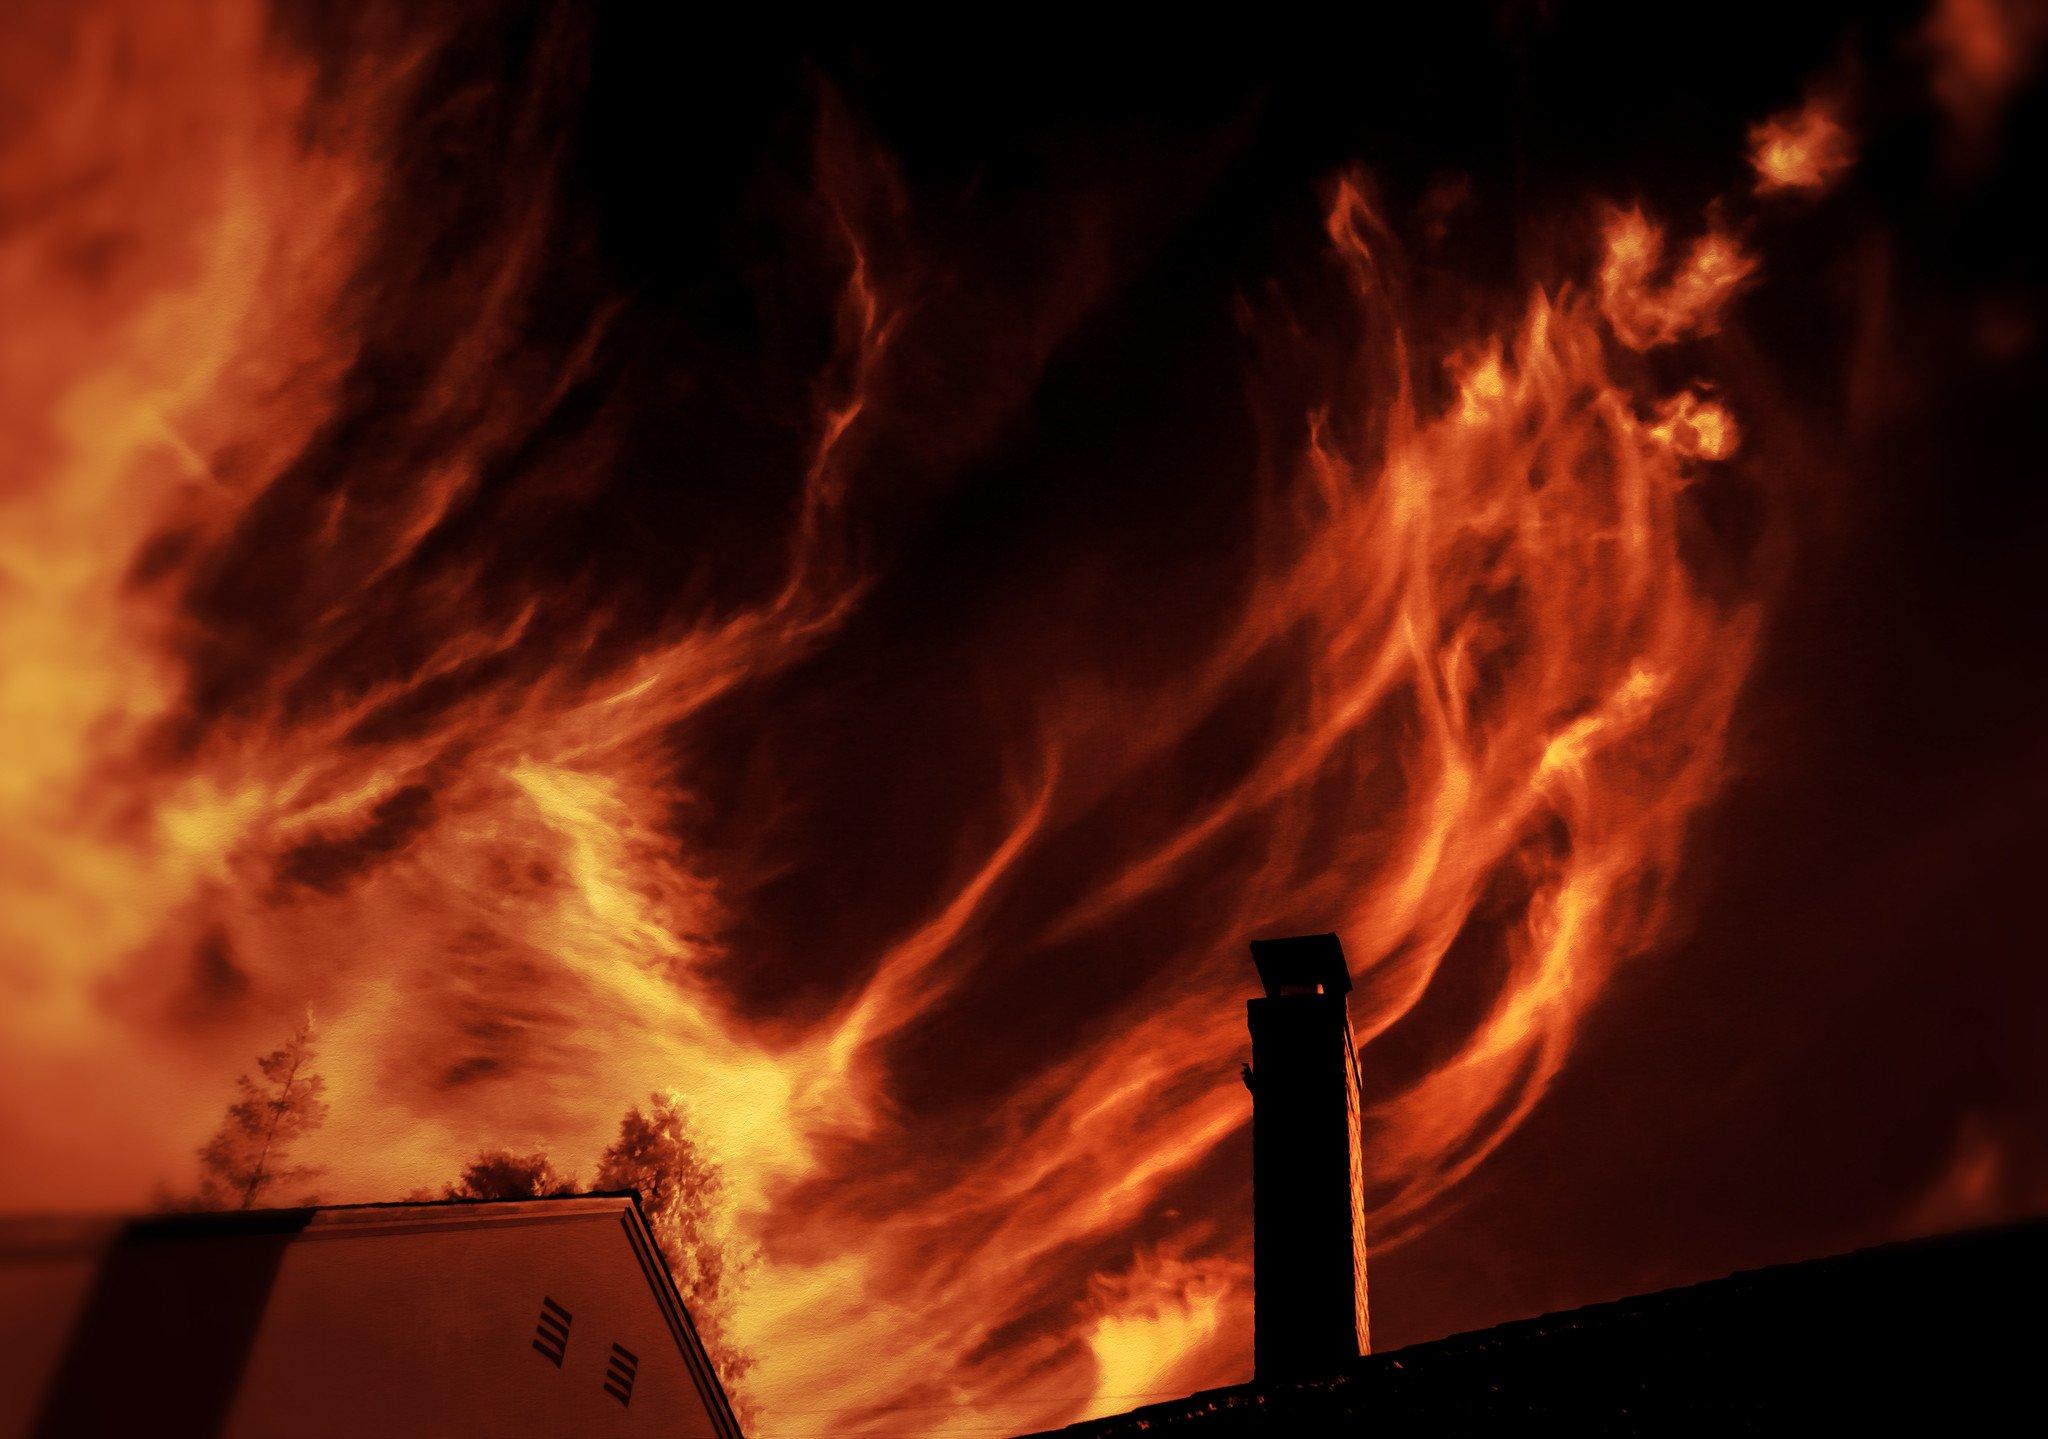 Incendio sobre el techo de una vivienda. | Imagen: Flickr